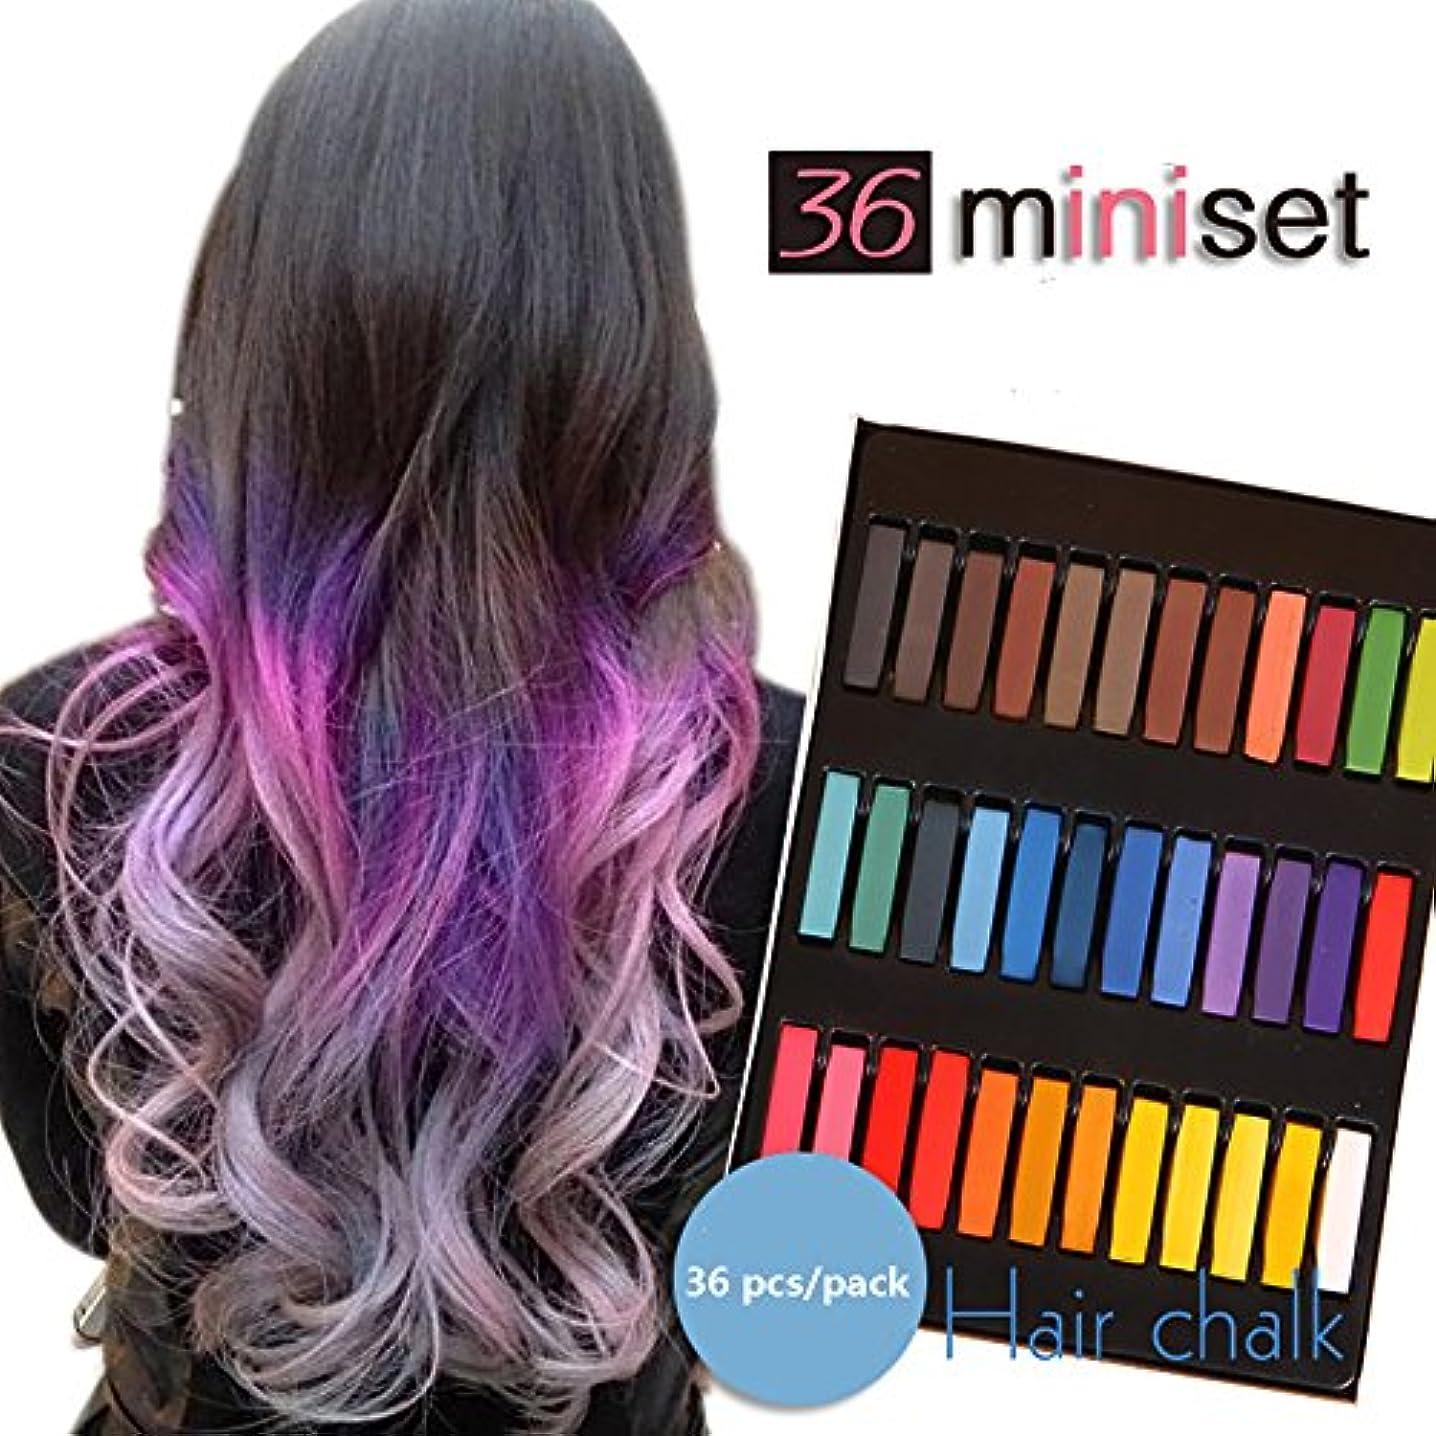 レキシコンミトンスポンジ大ブレイク中!HAIR CHALKIN 選べる 6色/12色/24色/36色 髪専用に開発された安心商品! ヘアチョーク ヘアカラーチョーク 一日だけのヘアカラーでイメチェンが楽しめる!美容室のヘアカラーでは表現しづらい...